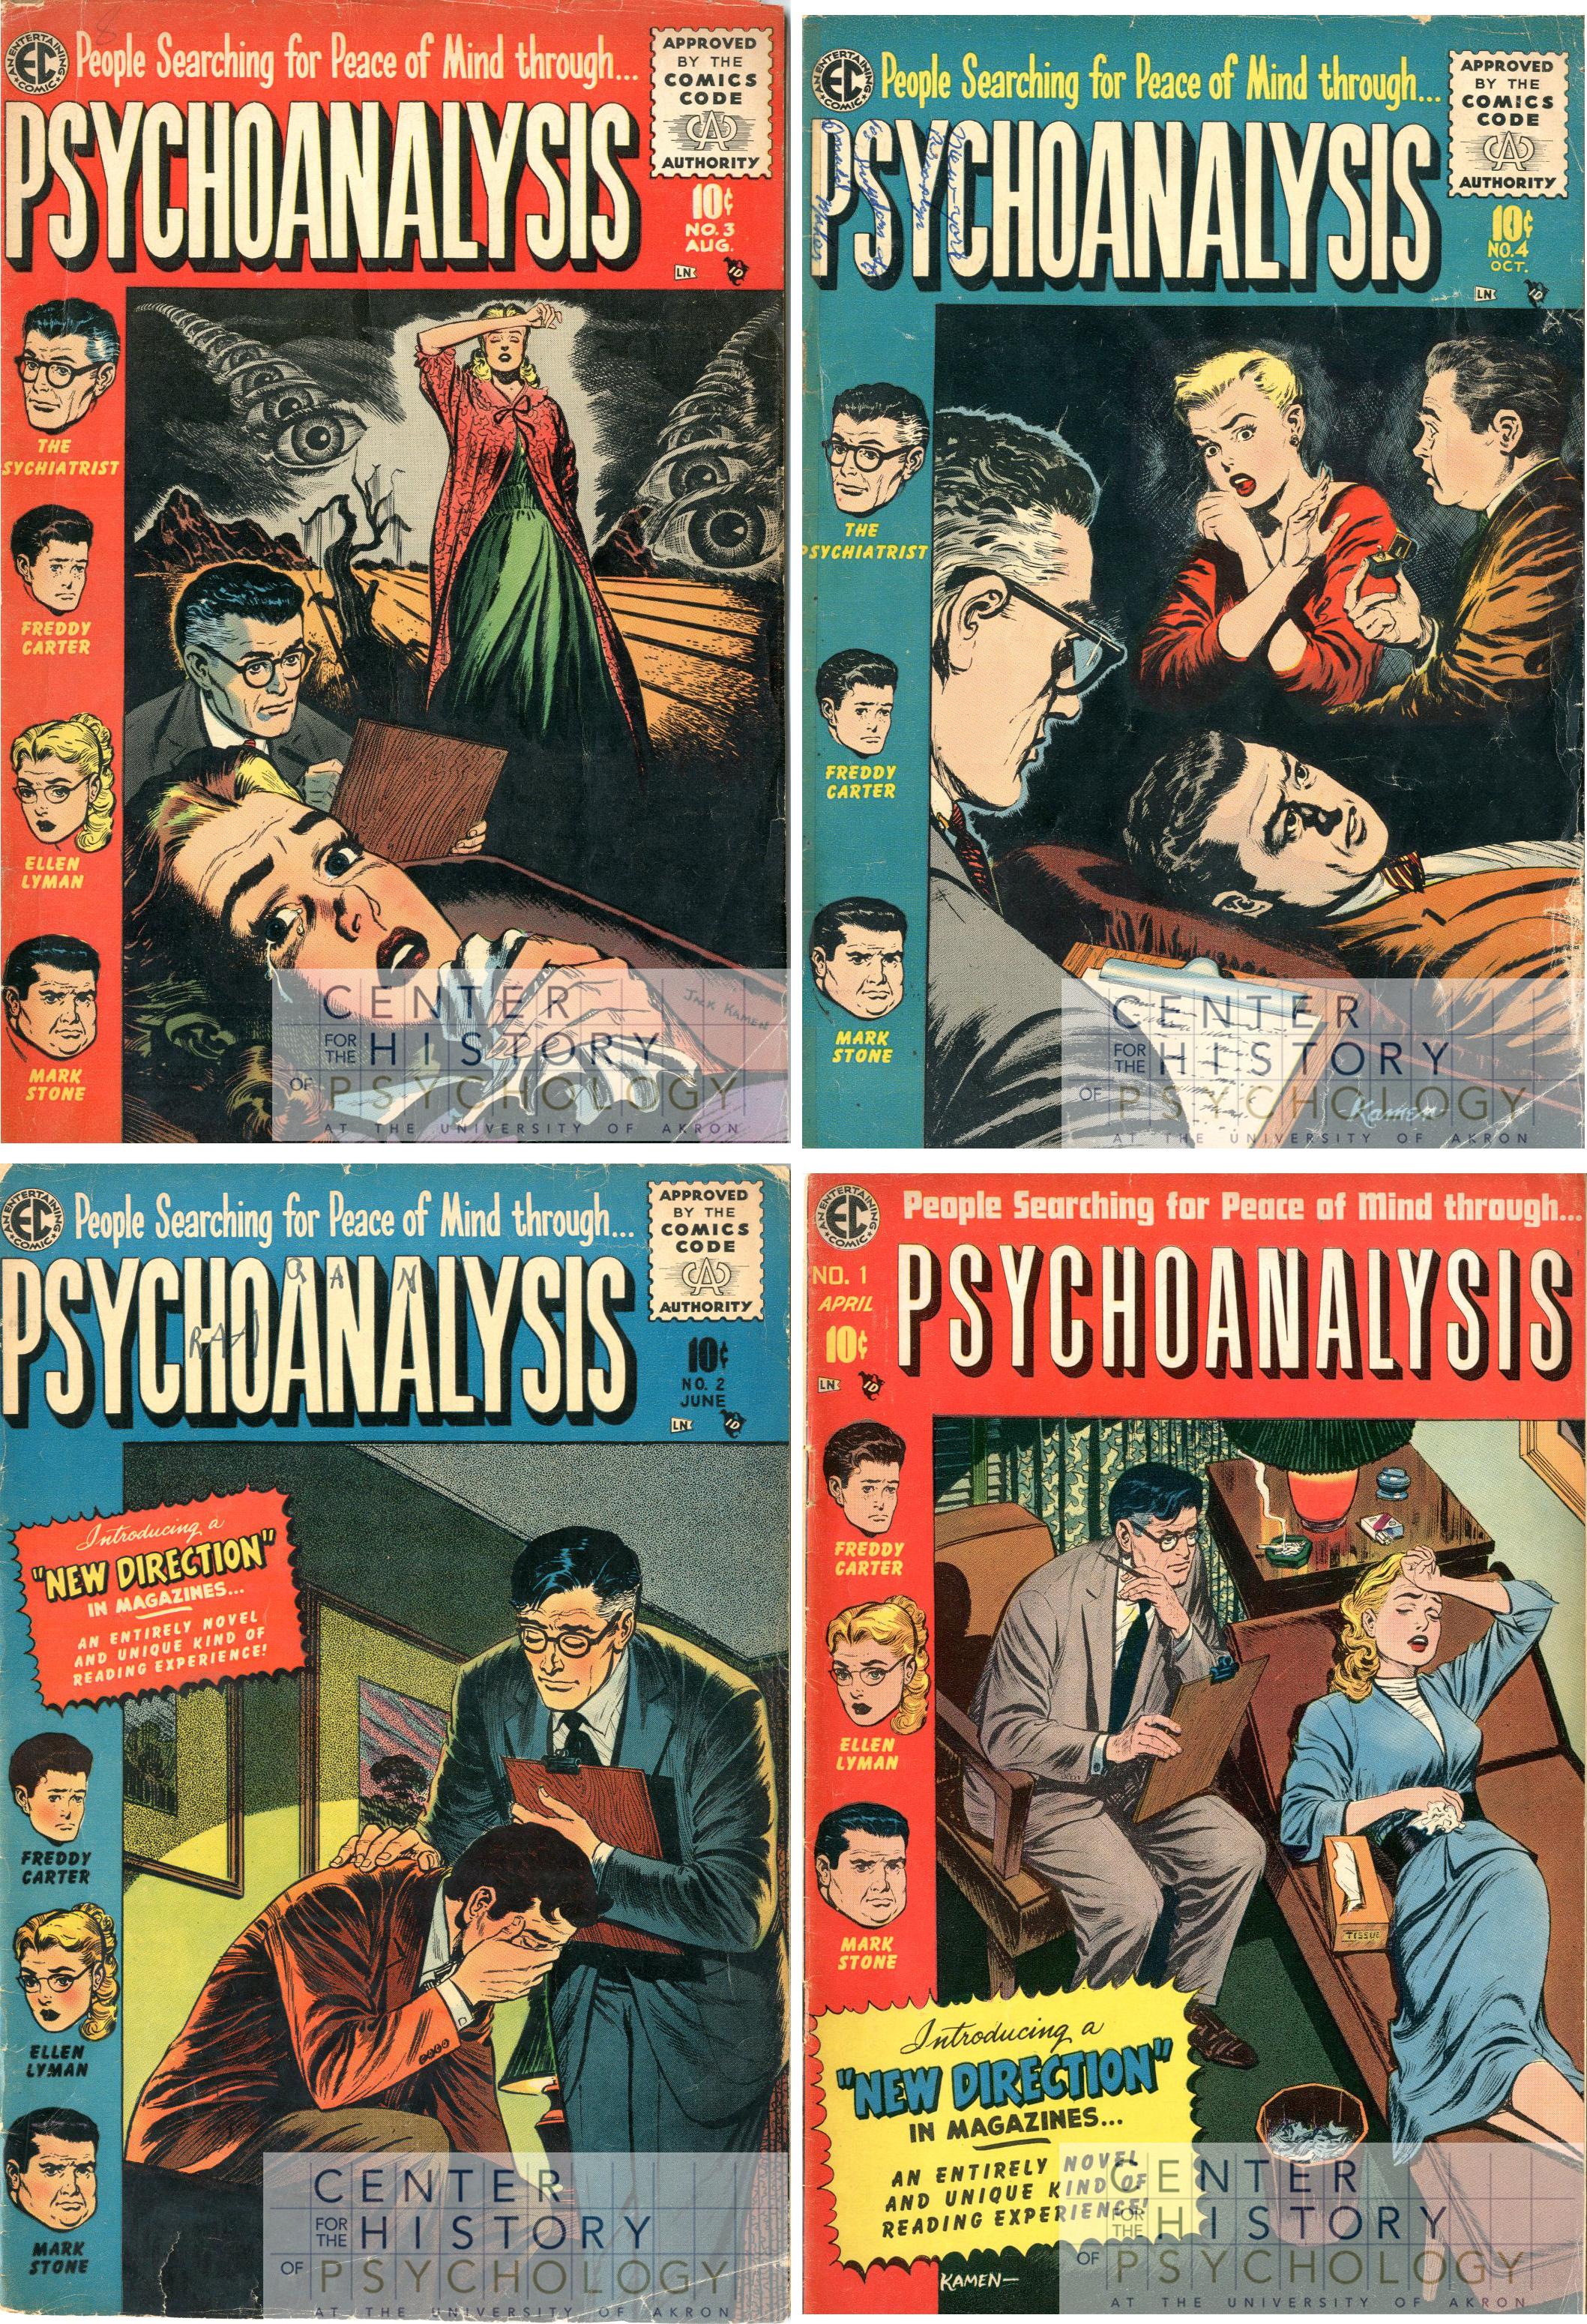 Psychoanalysis, 1955